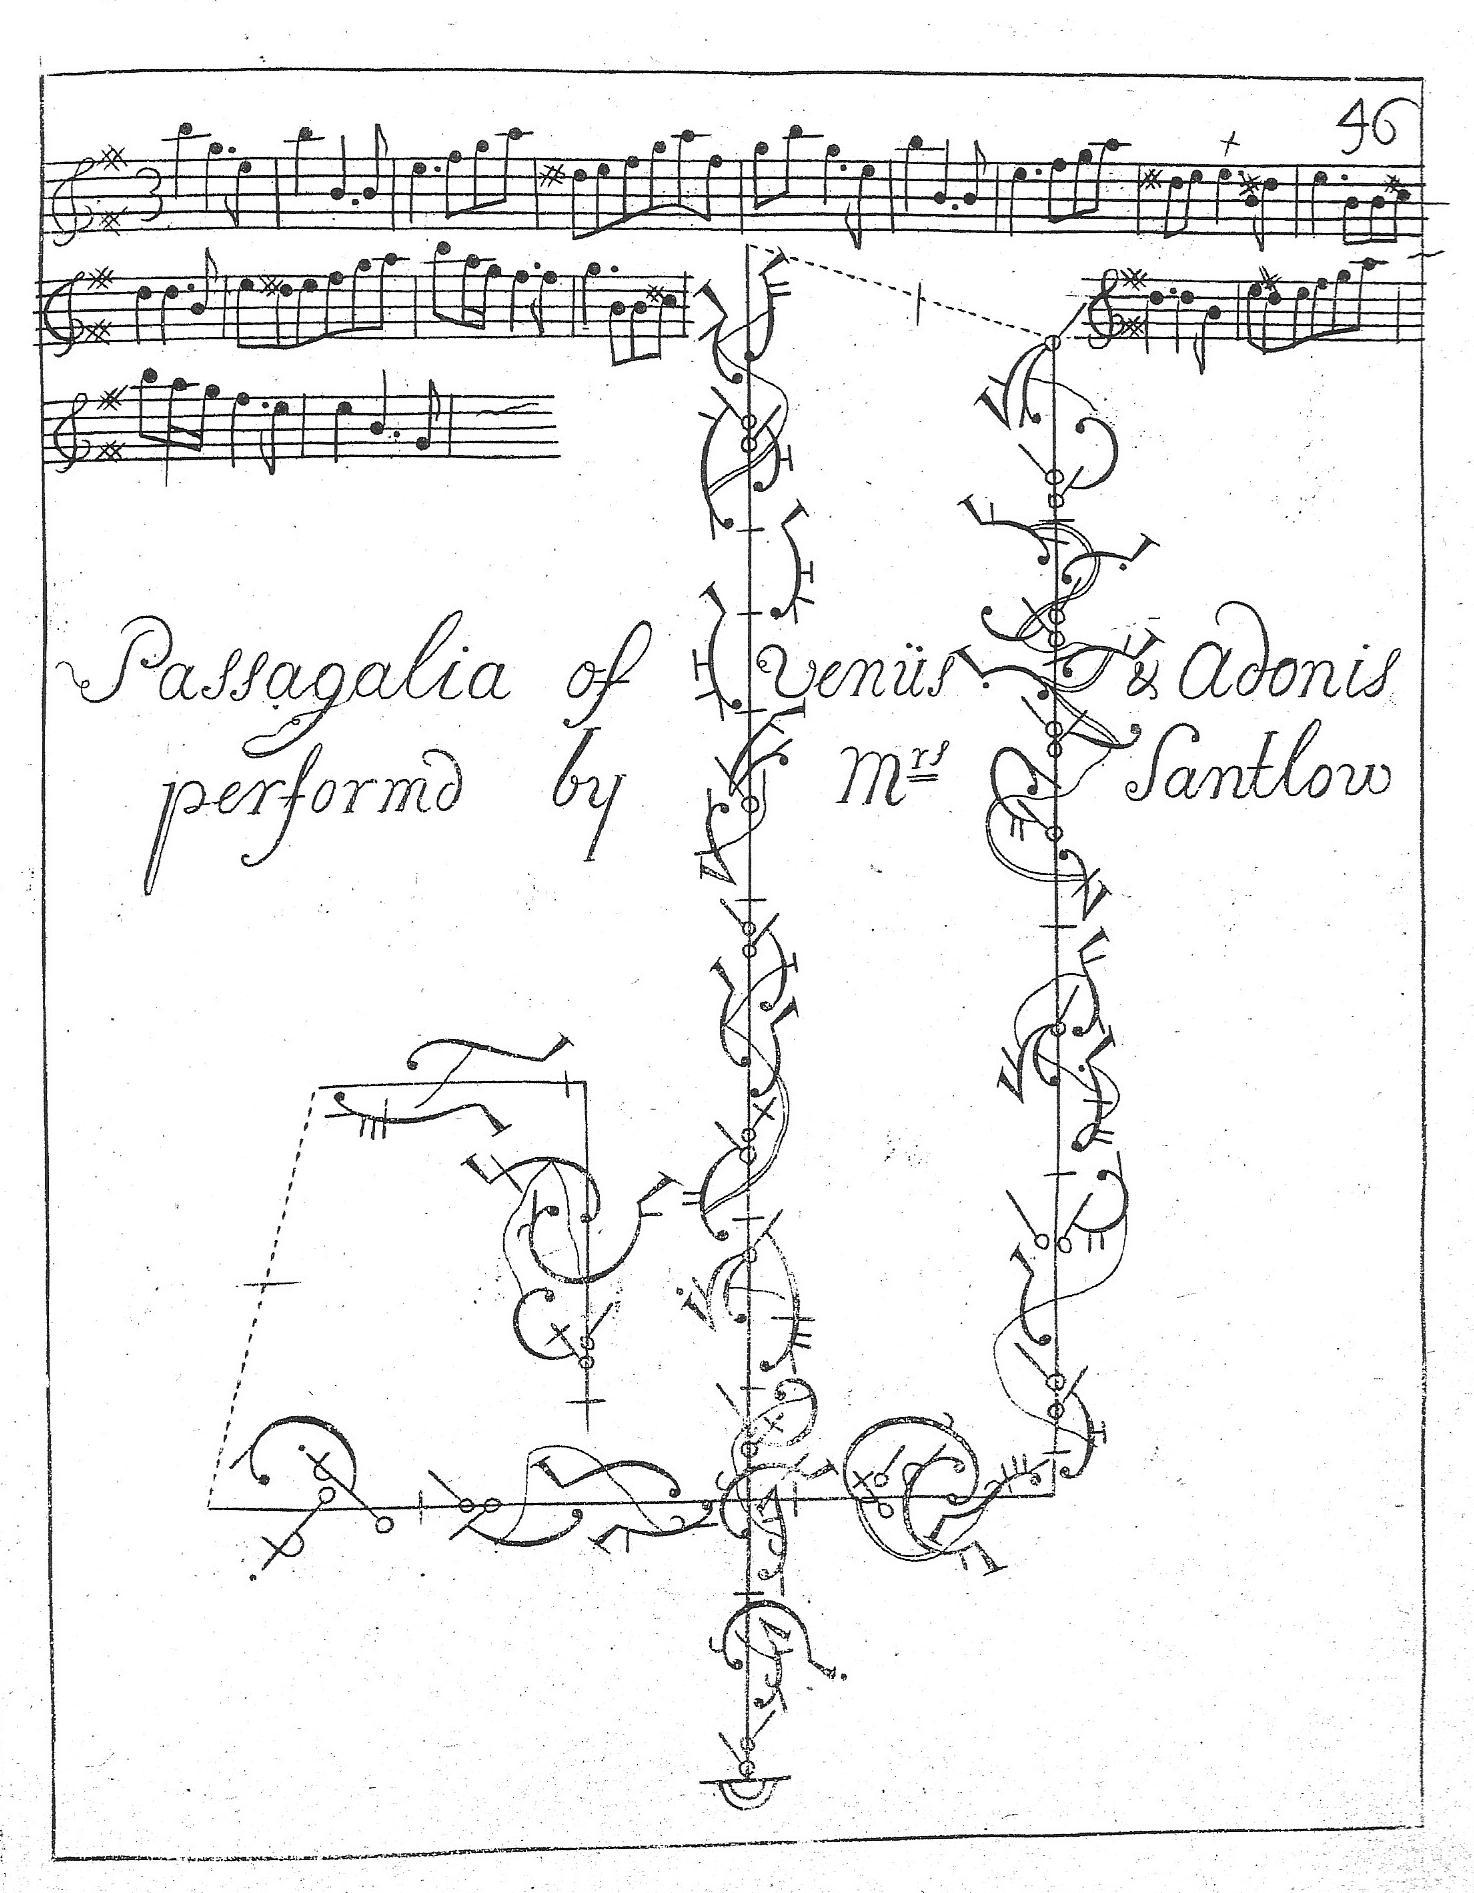 passagalia-1